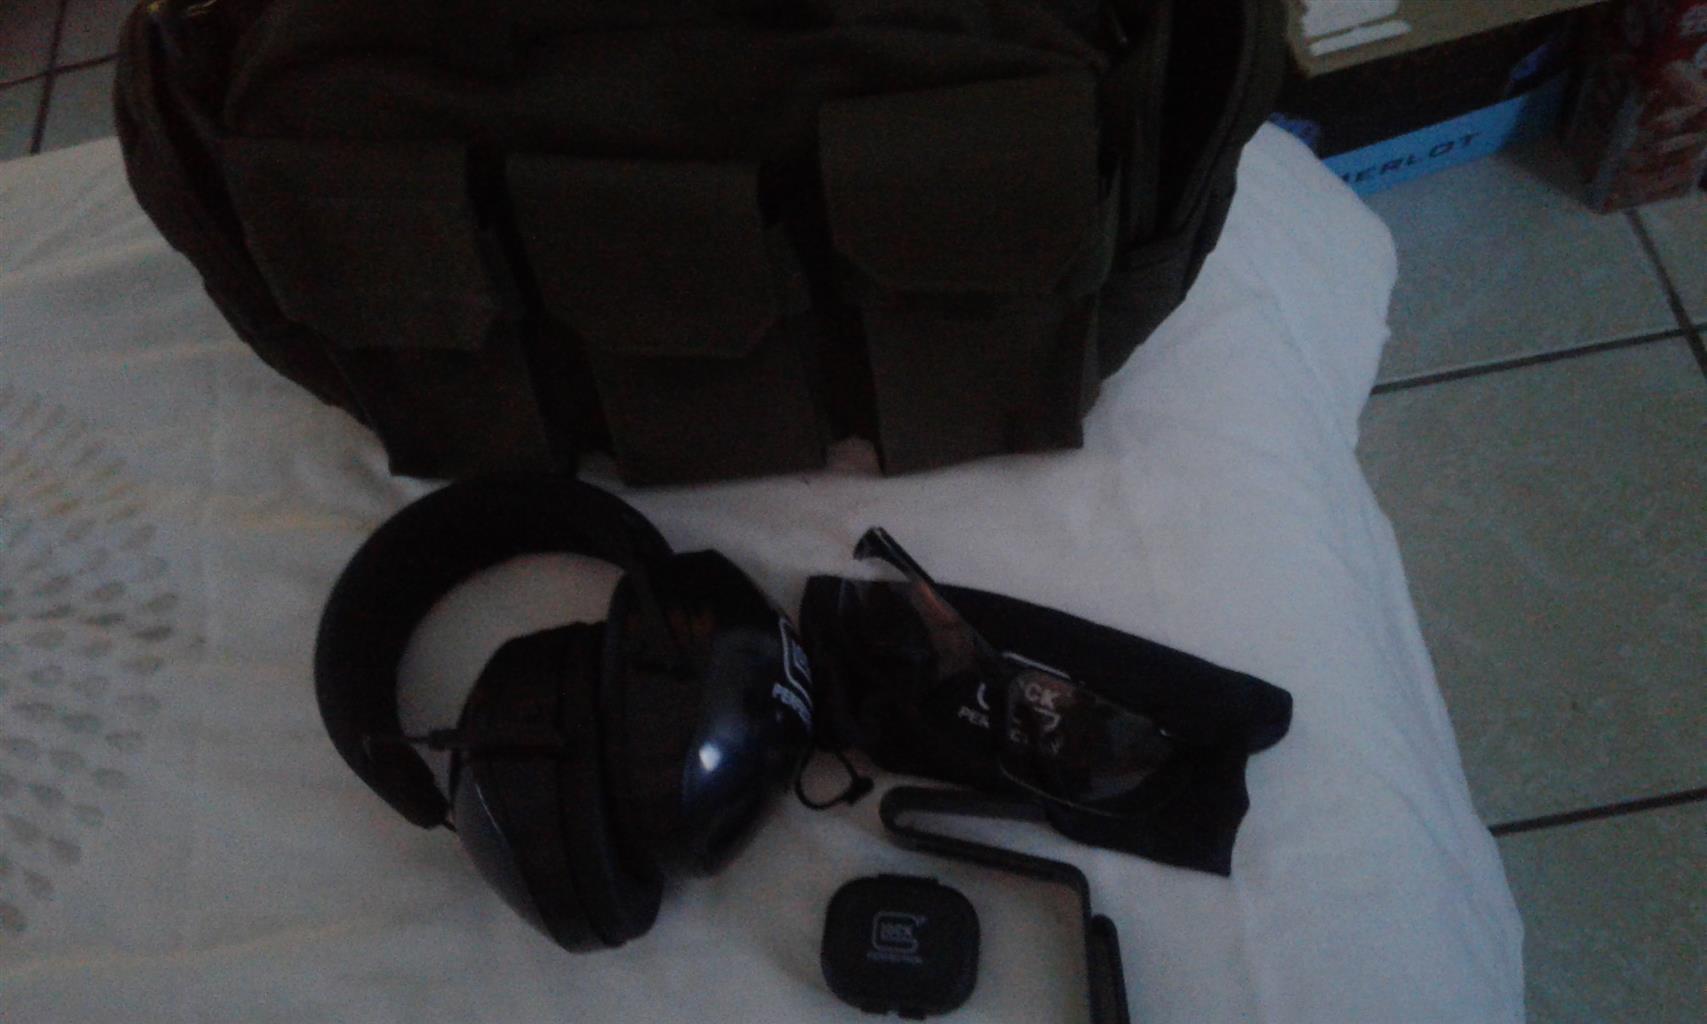 Glock protective equipment and shooting range bag